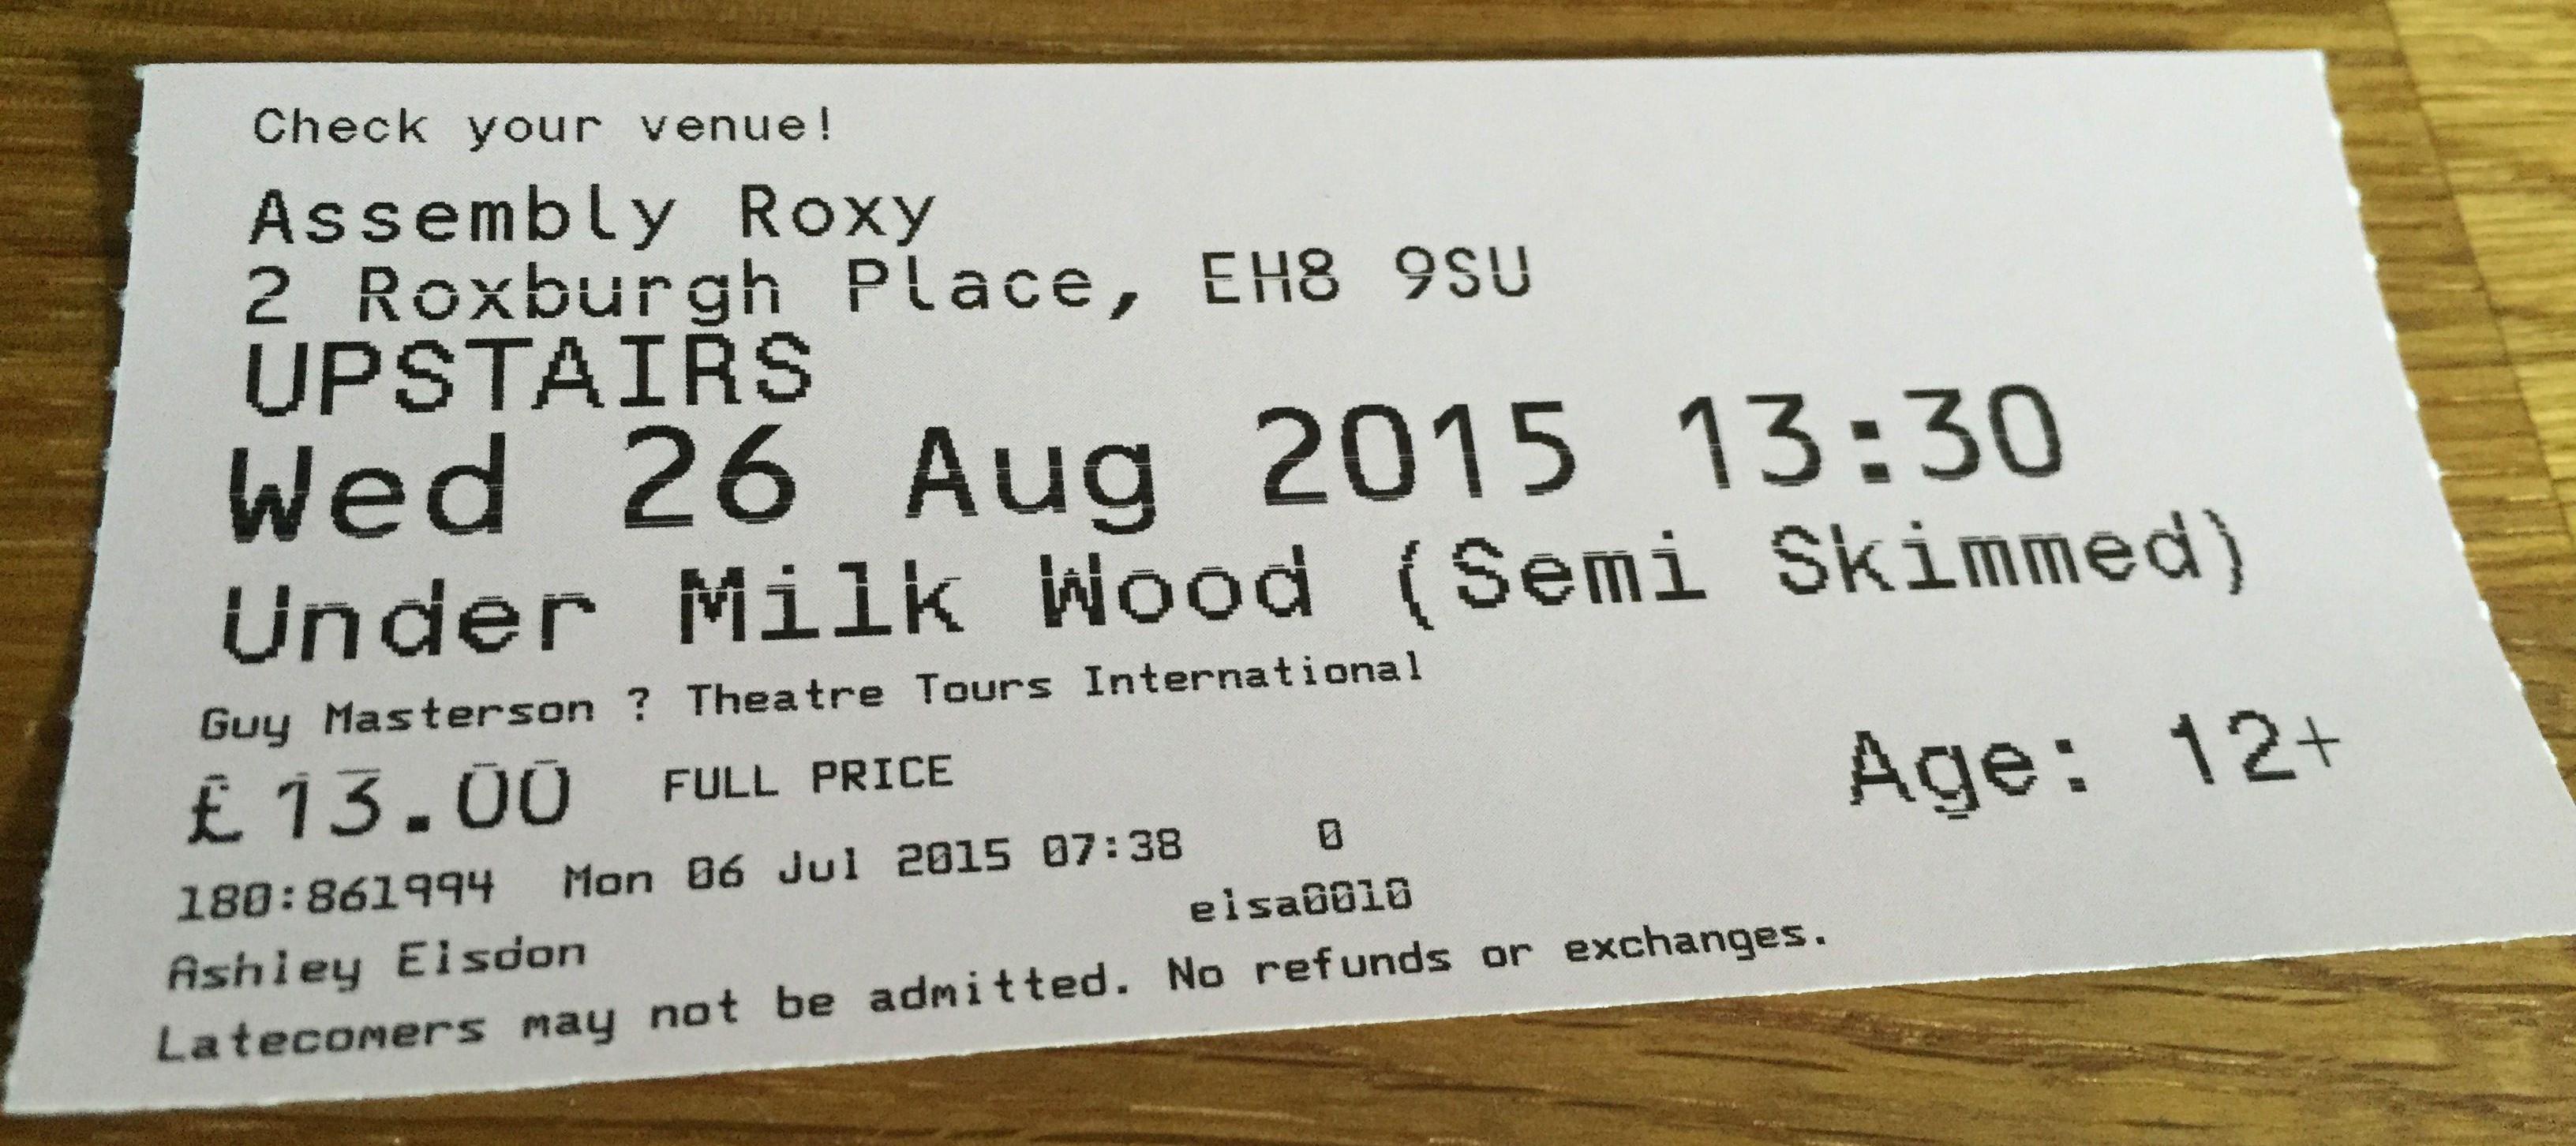 Ed Fringe 2015: Under Milk Wood